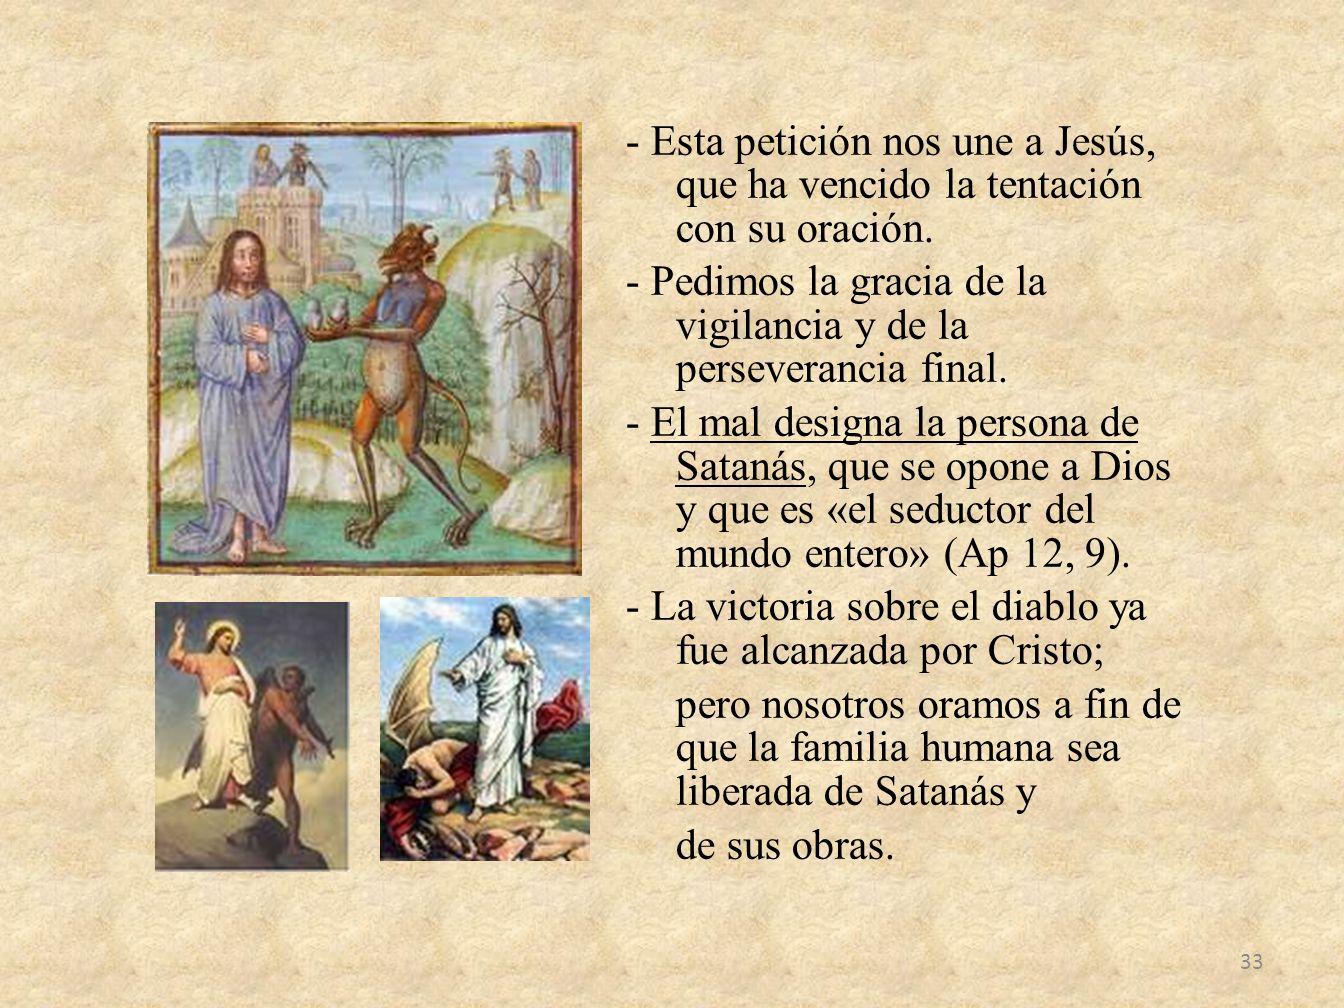 - Esta petición nos une a Jesús, que ha vencido la tentación con su oración.